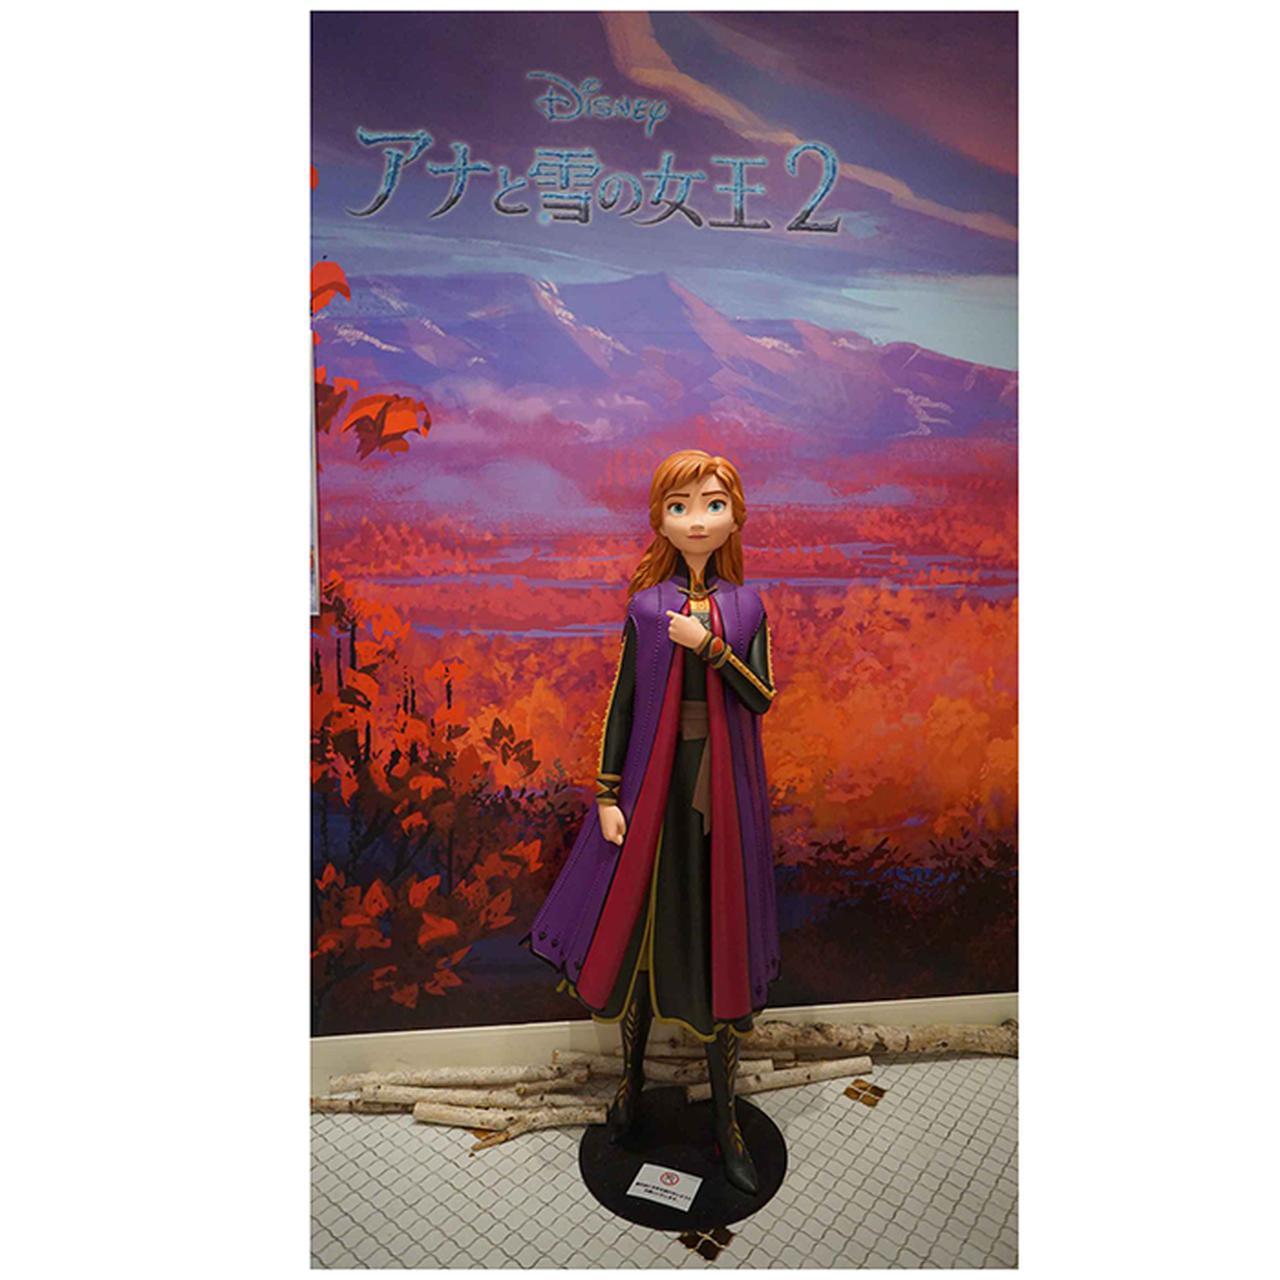 画像: 入店すると、まずアナの等身大フィギュアが出迎えてくれる